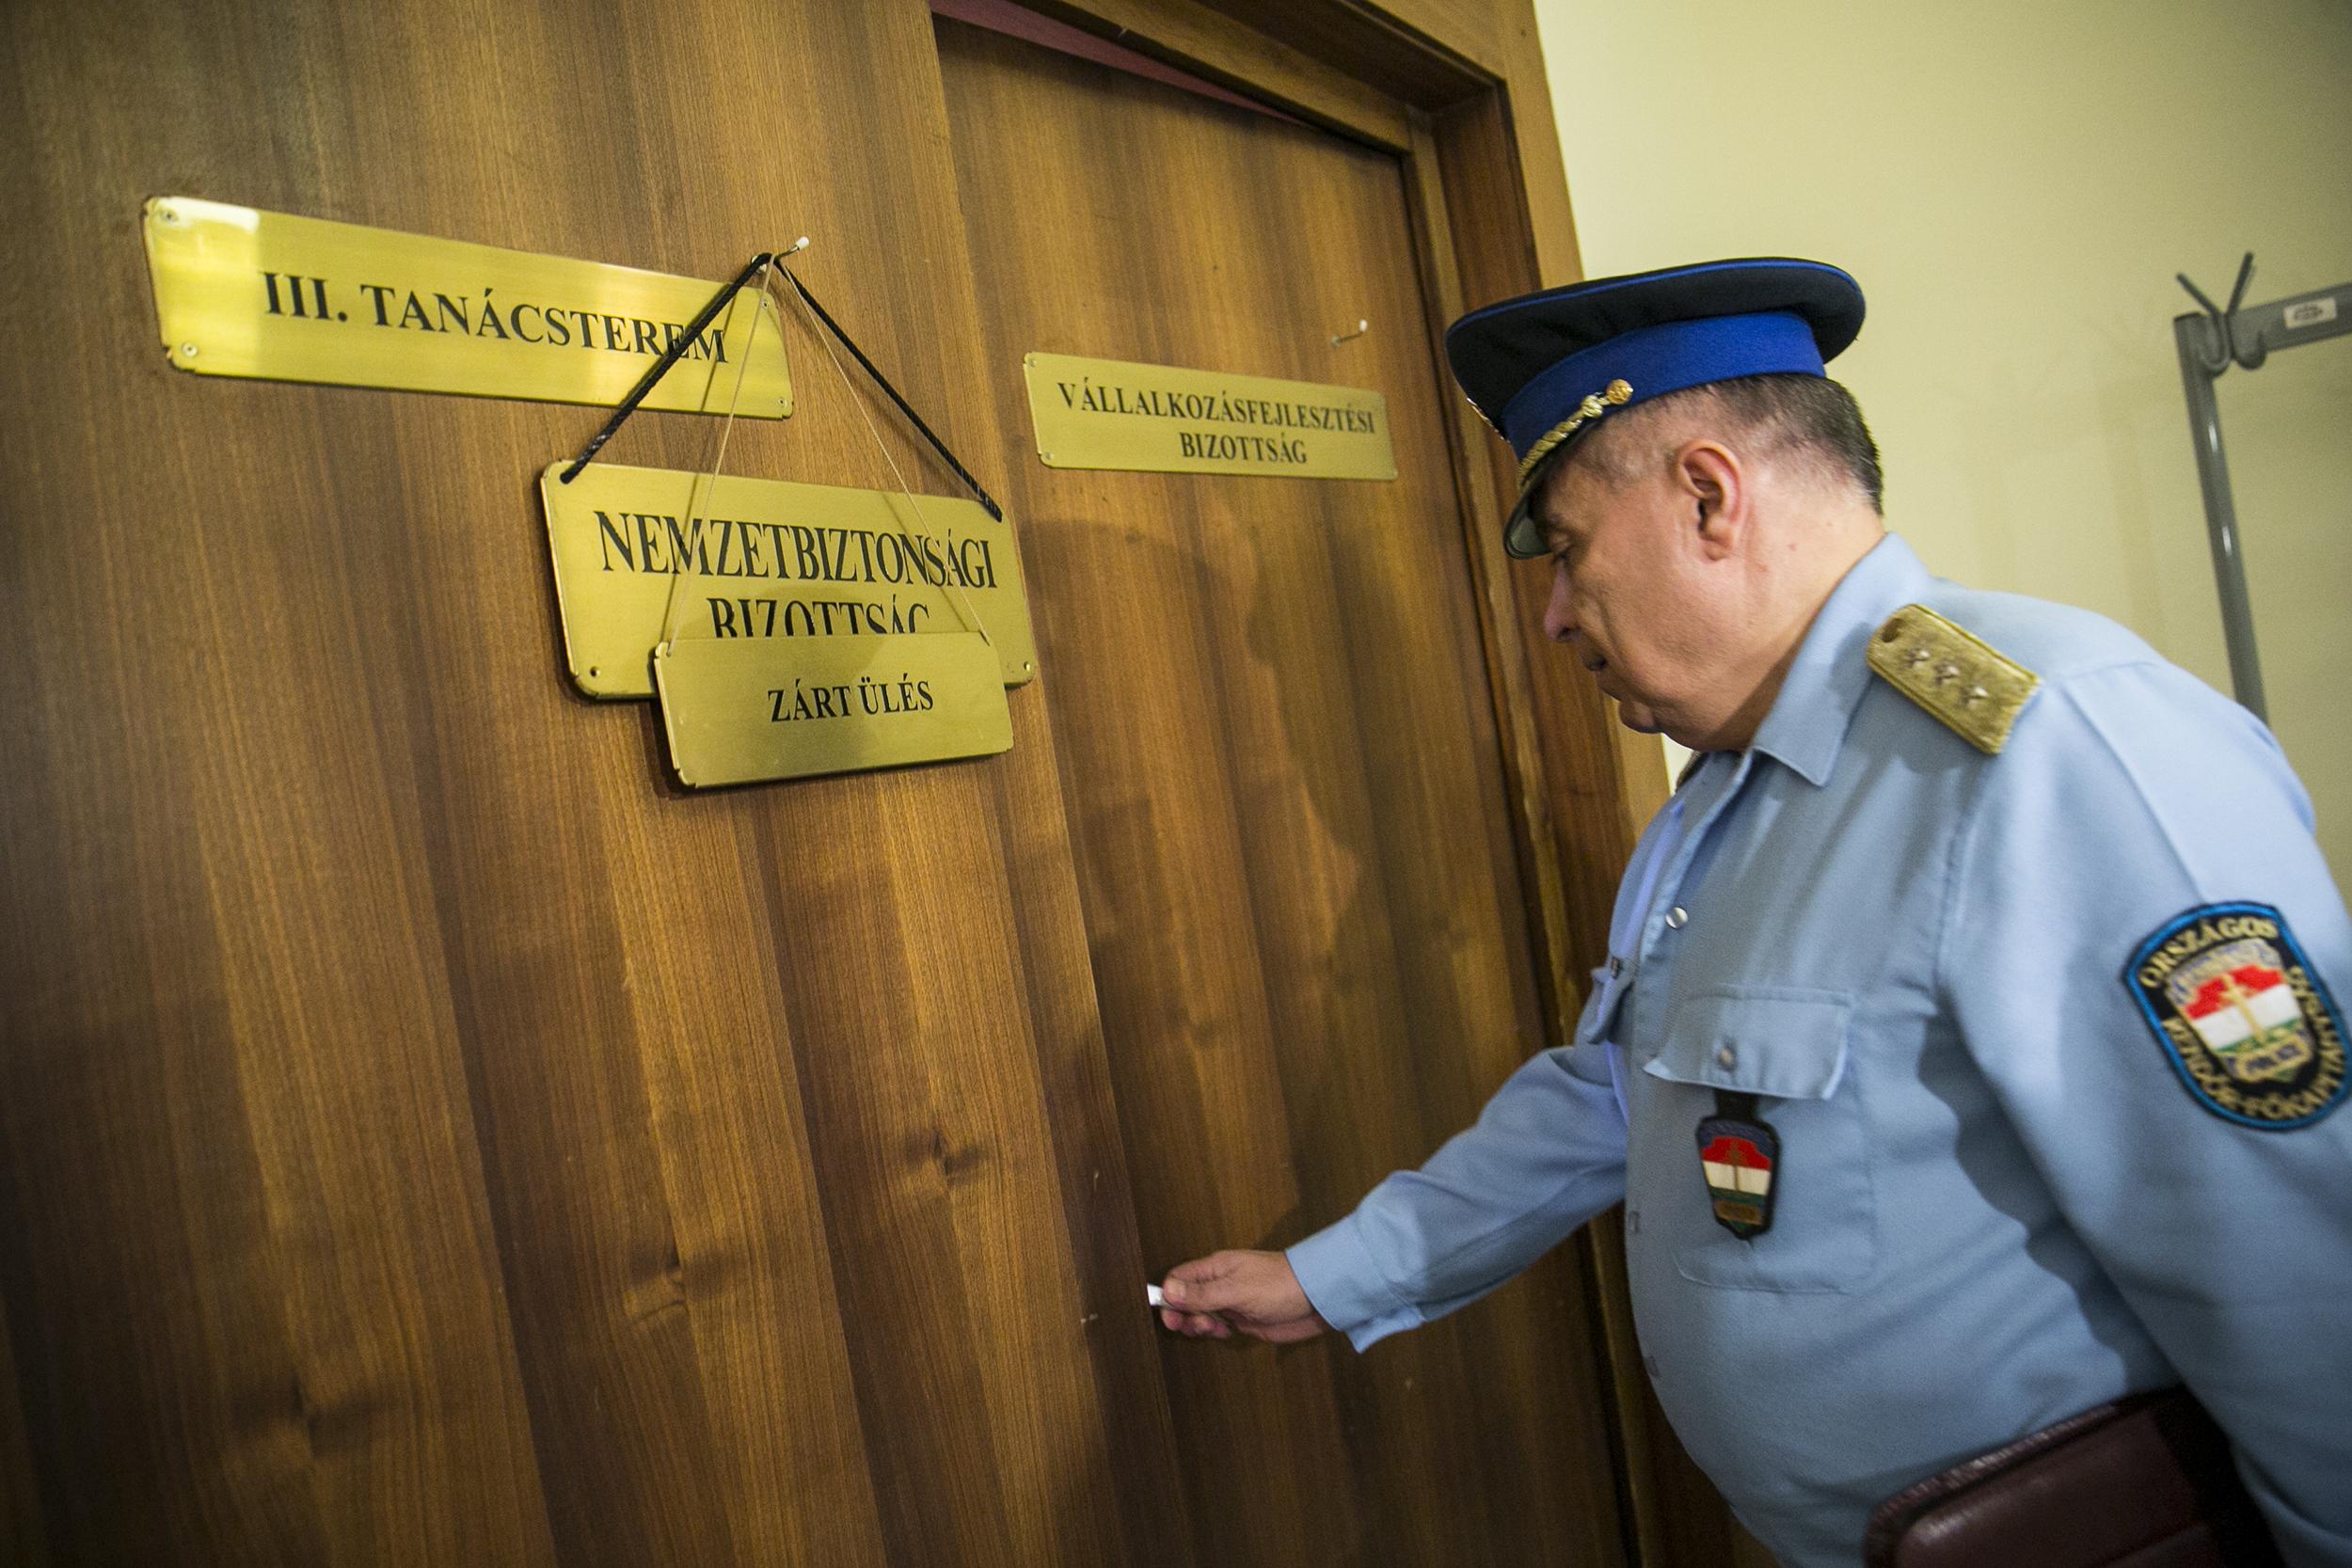 A Fidesz képviselői megakadályozták, hogy Pintér Sándornak beszélnie kelljen a lehallgatási botrányról a nemzetbiztonsági bizottságban